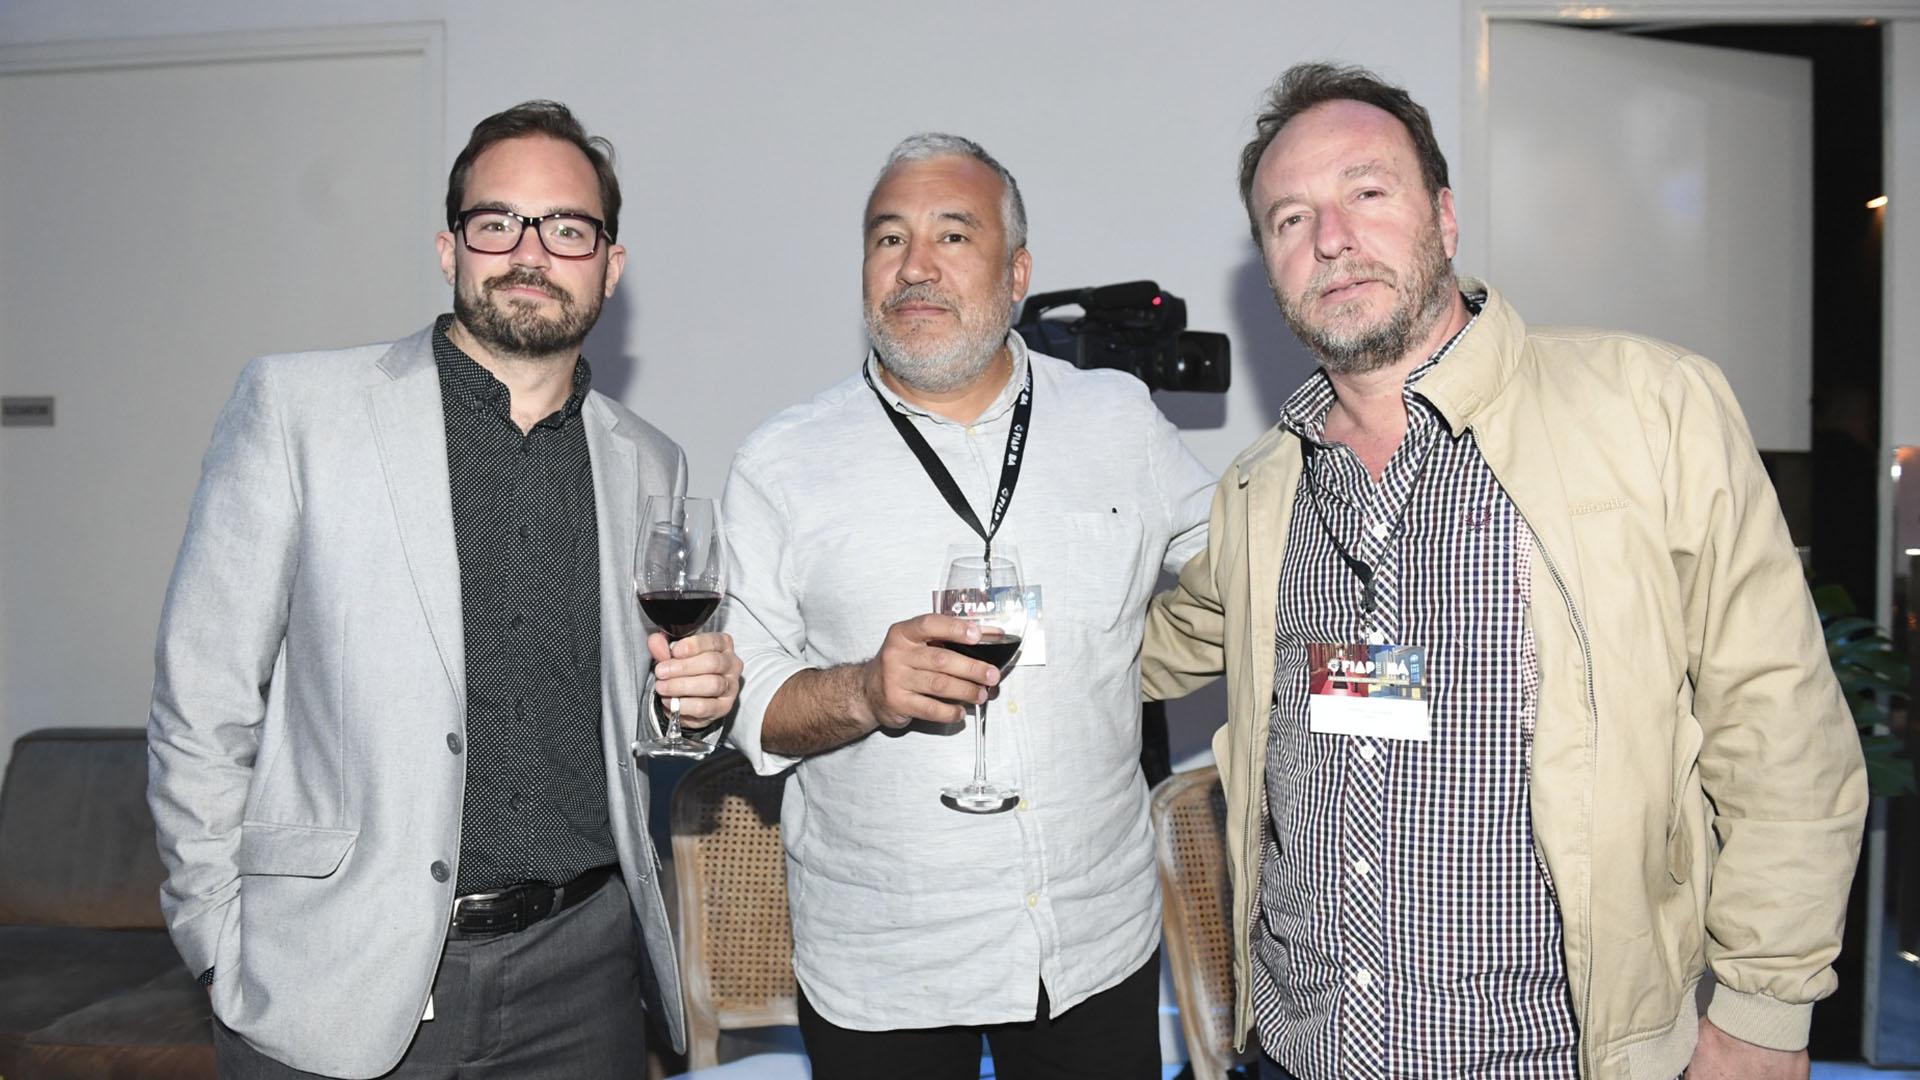 Marcelo Hermida (productora Sábado) Mariano Marin (empresa Dfilmco) y Claudio Córdoba, (productora Sábado)